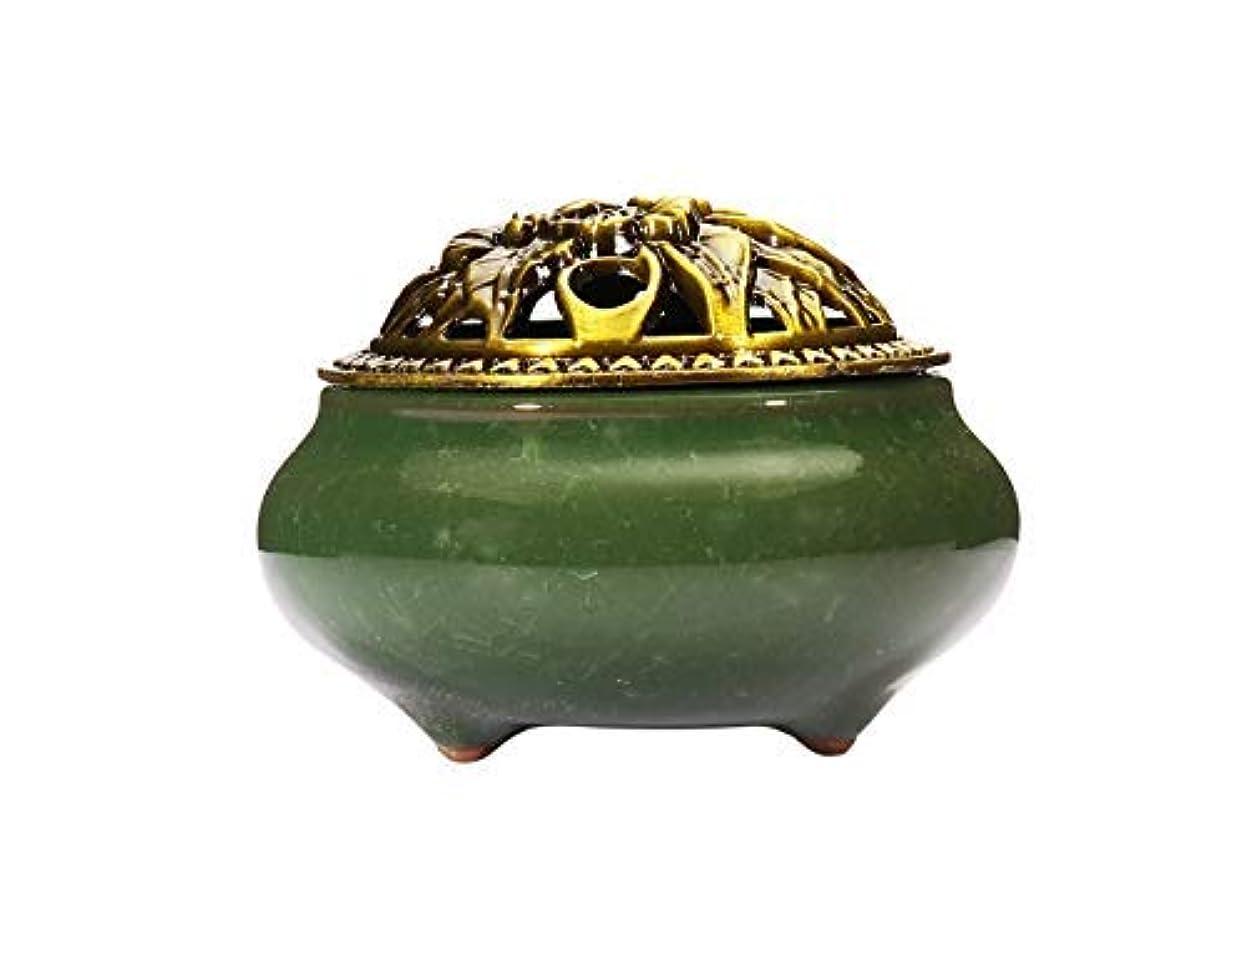 ストロー失態首尾一貫した(Dark Green) - Incense Burner with Brass Incense Stick Holder Ice-Patterned Dark green Handmade Censer by Xujia.